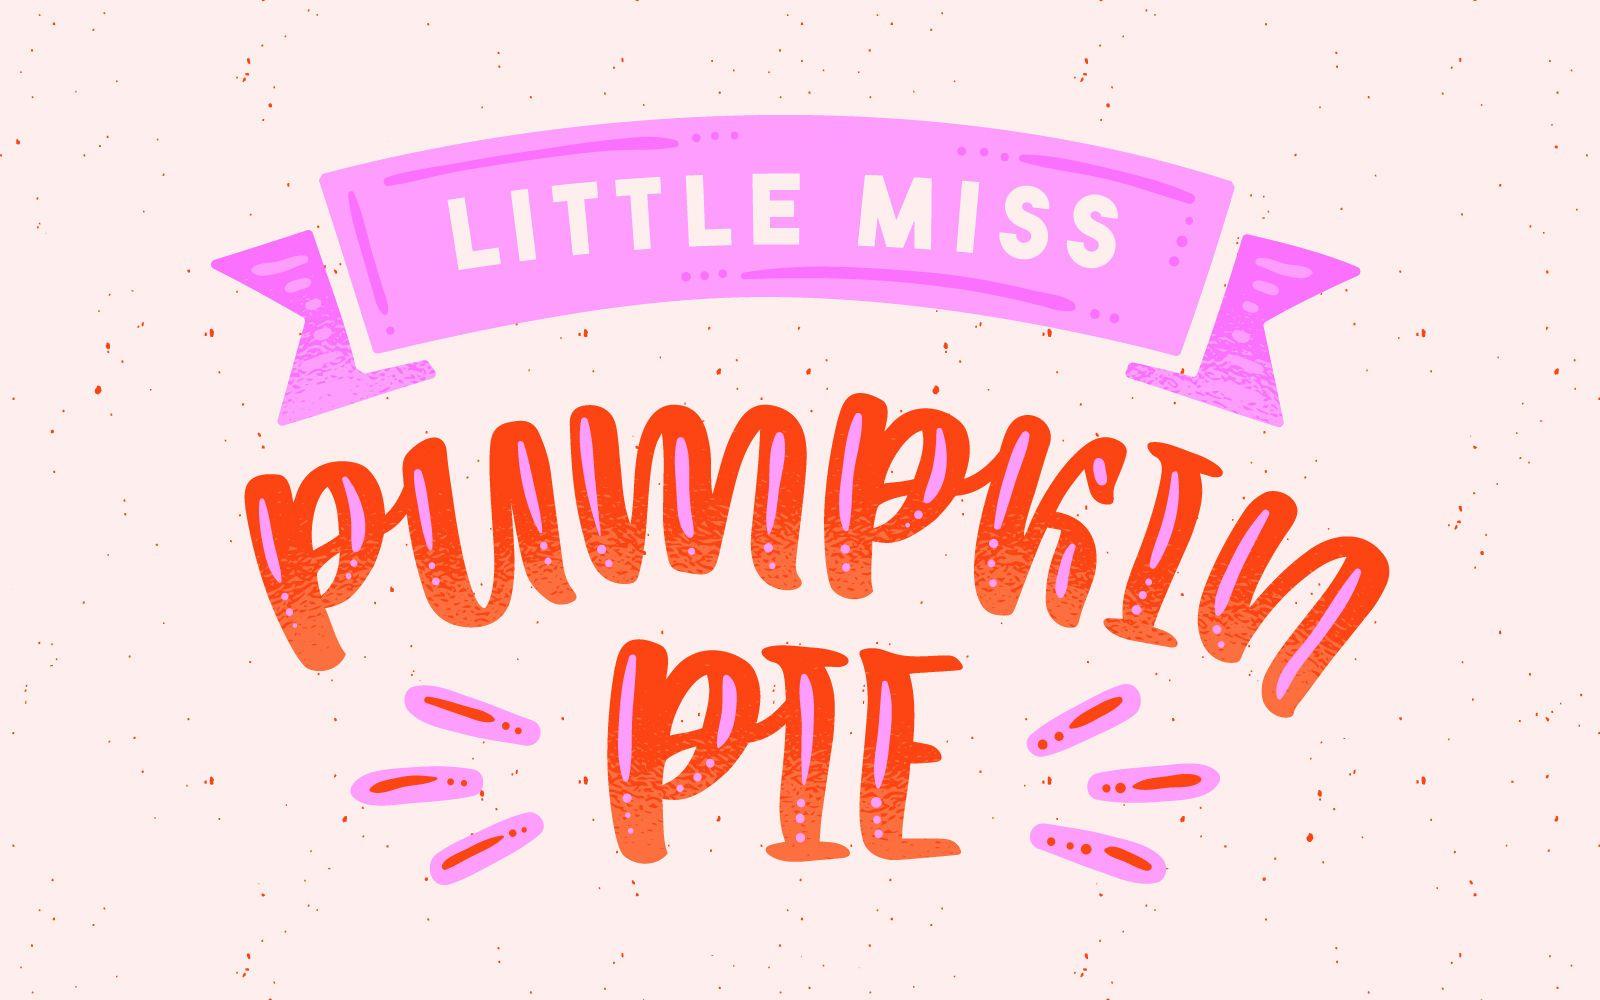 Little Miss pumpkin pie lettering